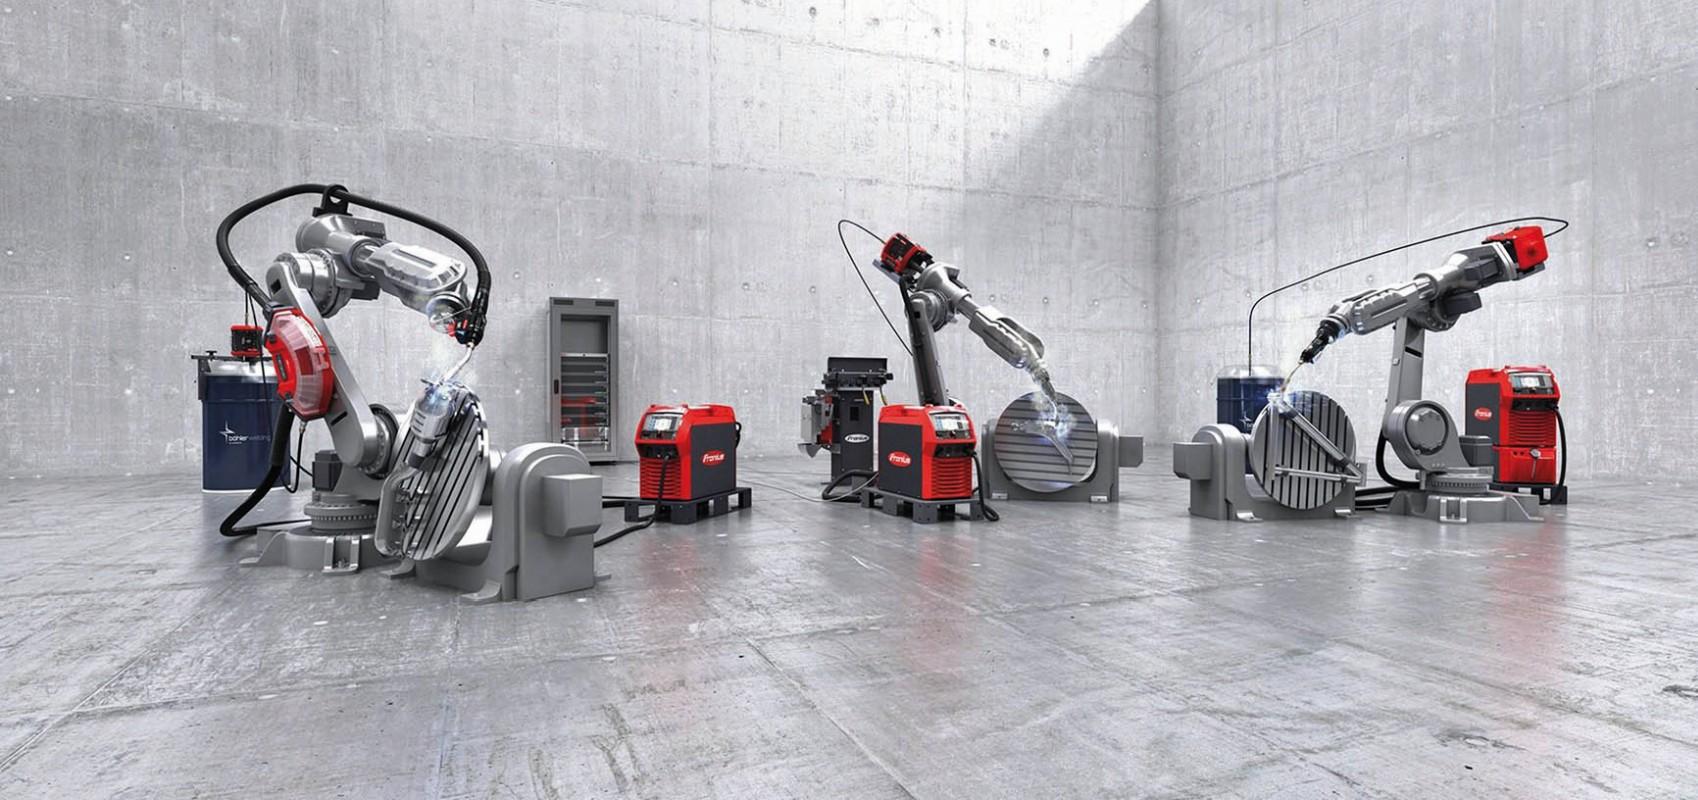 Fronius spojil výhody své nejnovější platformy MIG/MAG svařovacích robotů s nejstabilnějším obloukem.